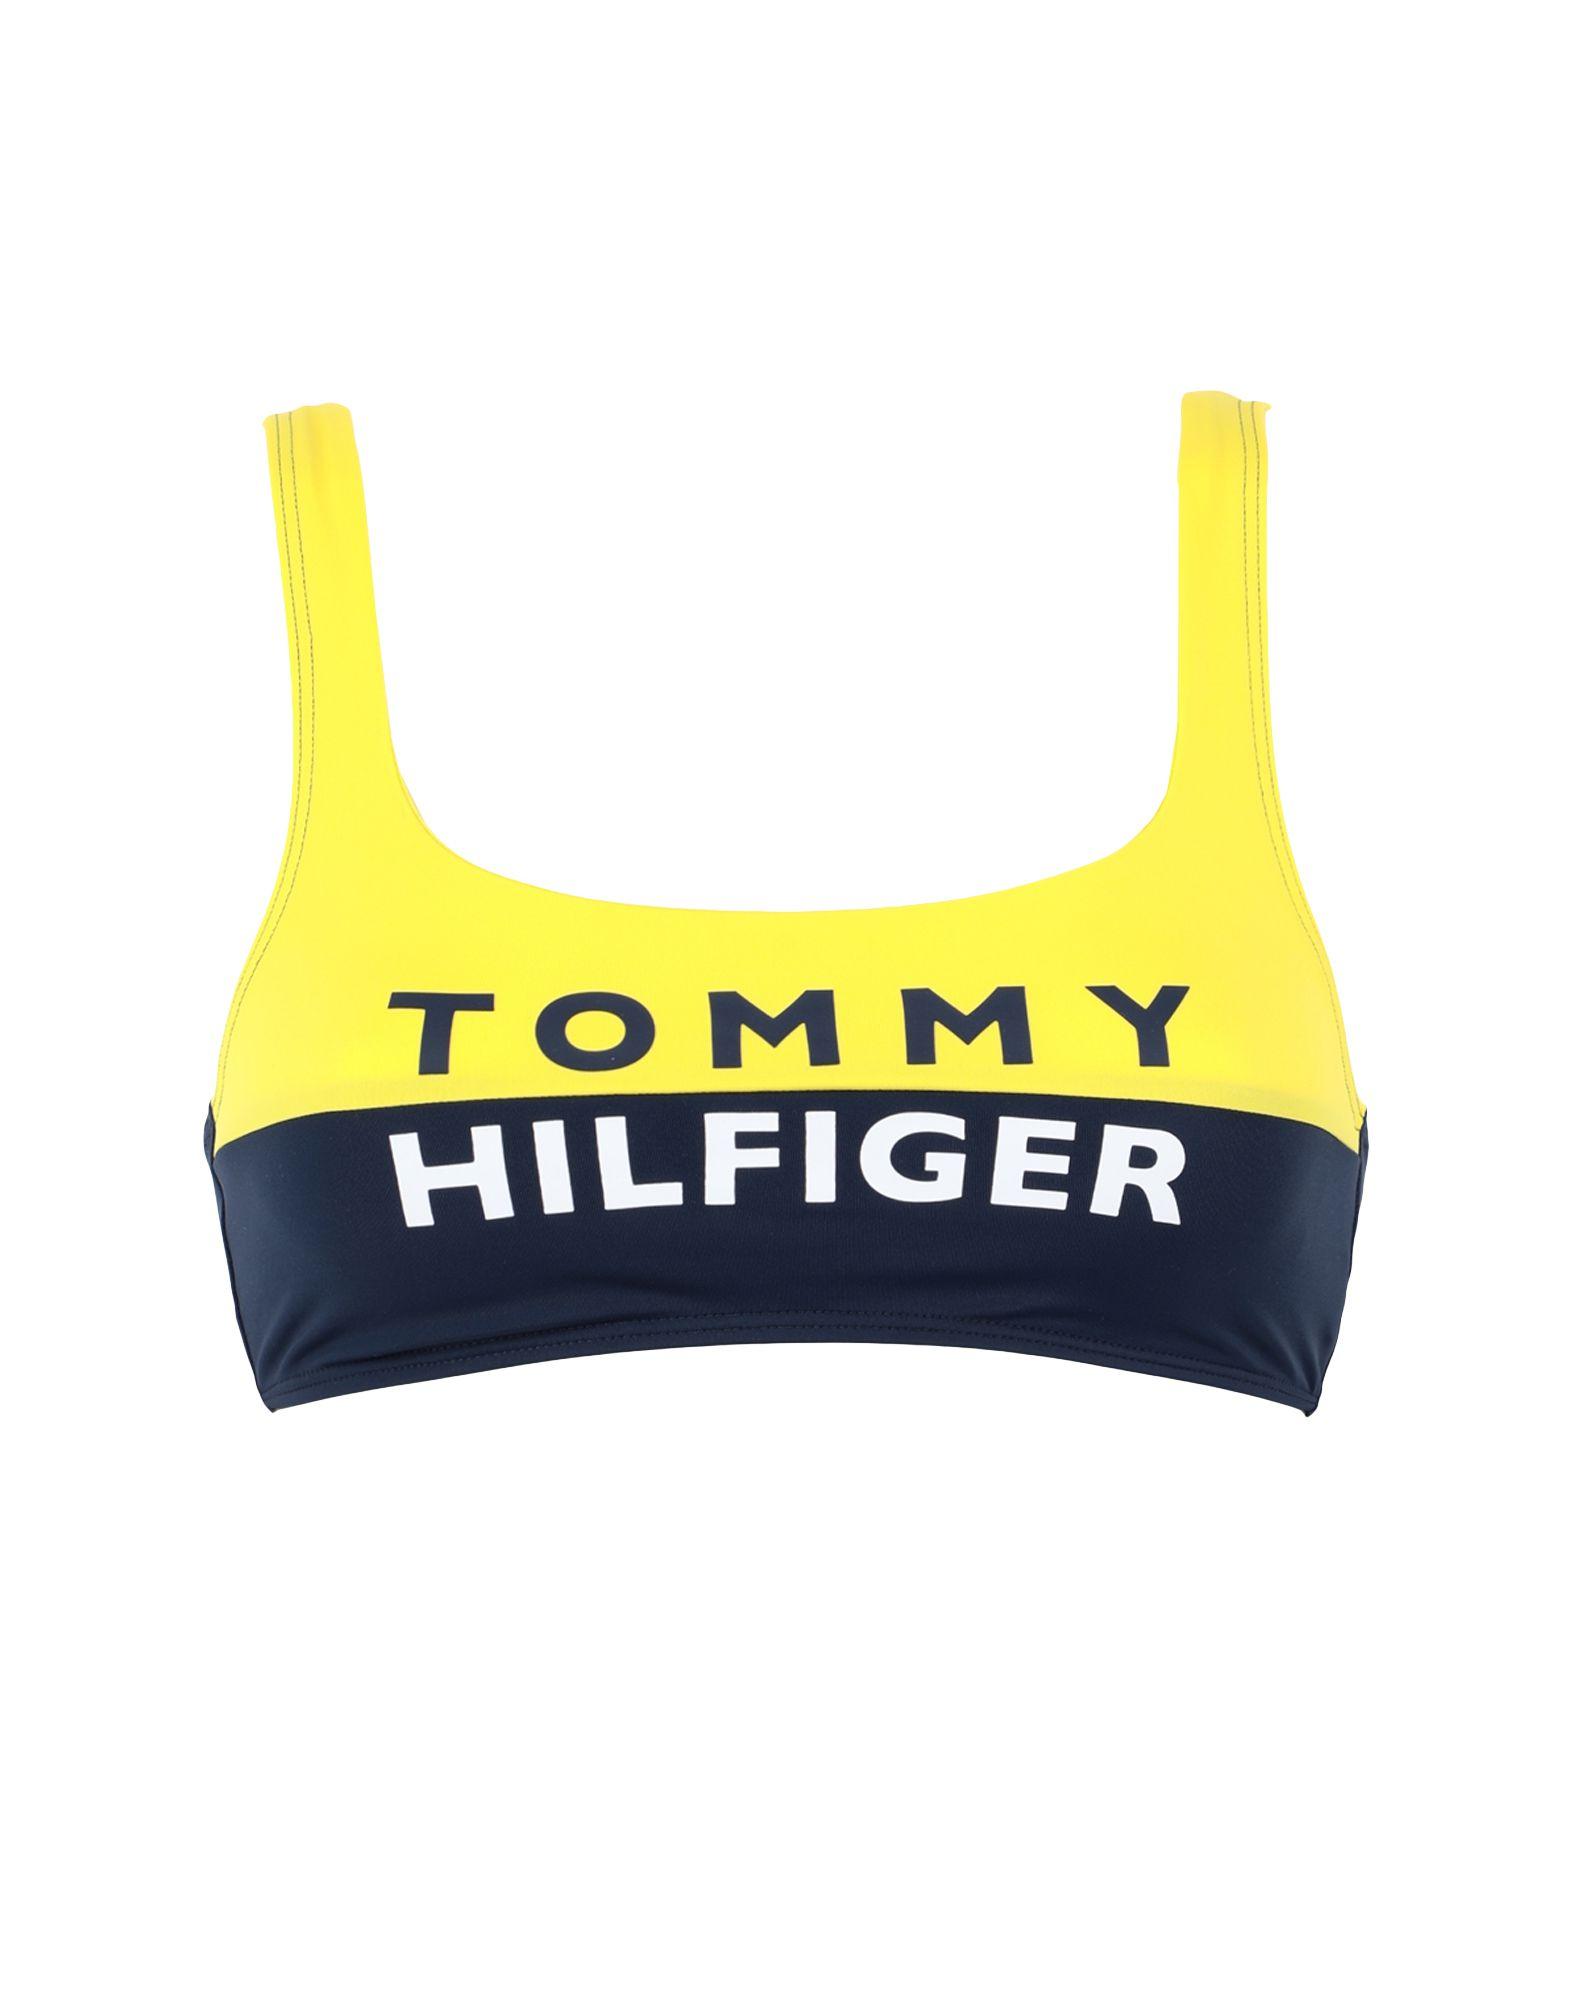 TOMMY HILFIGER Купальный бюстгальтер